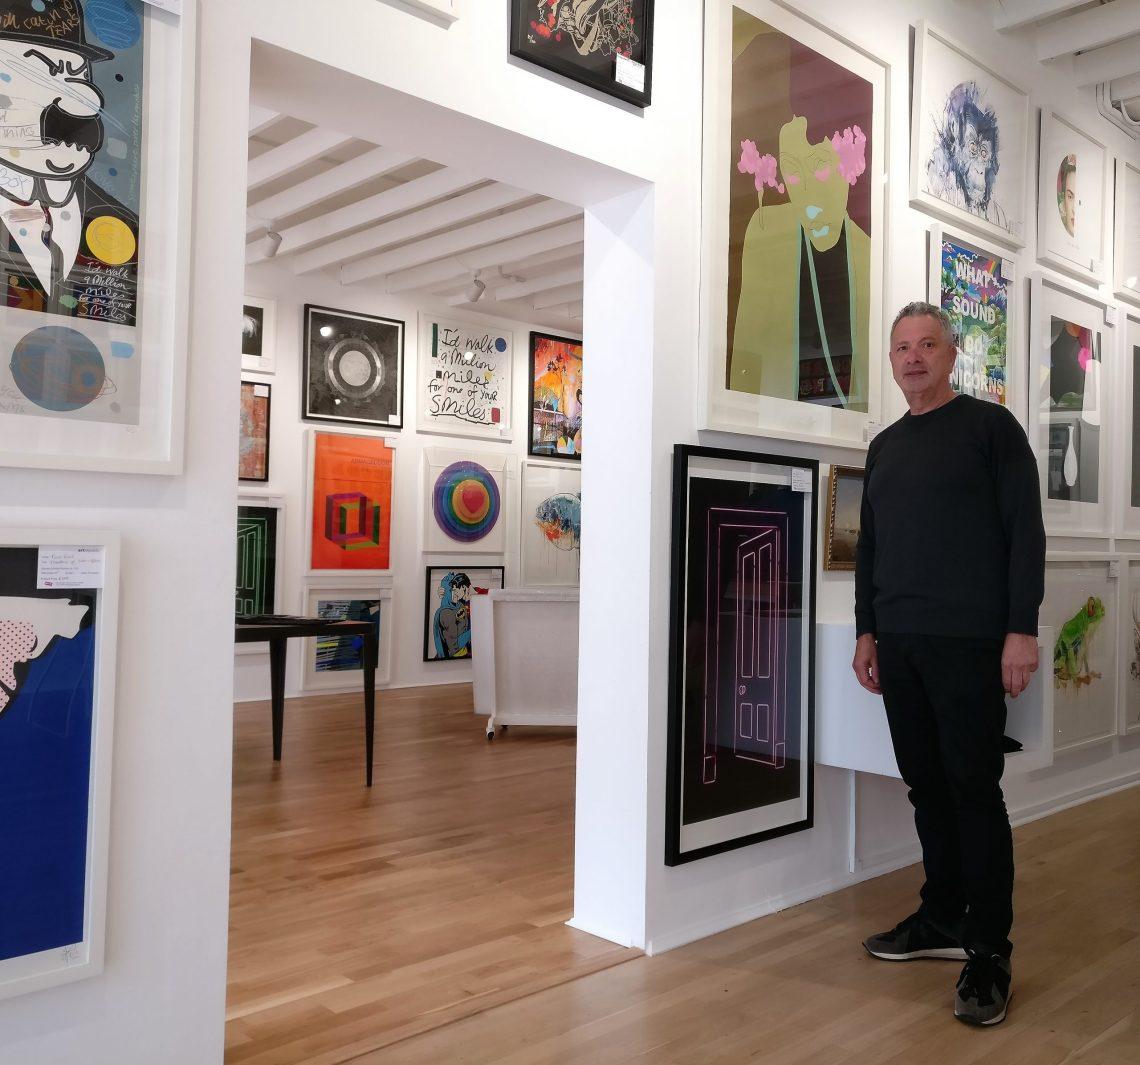 lawrence alkin inside the Art Republic Gallery